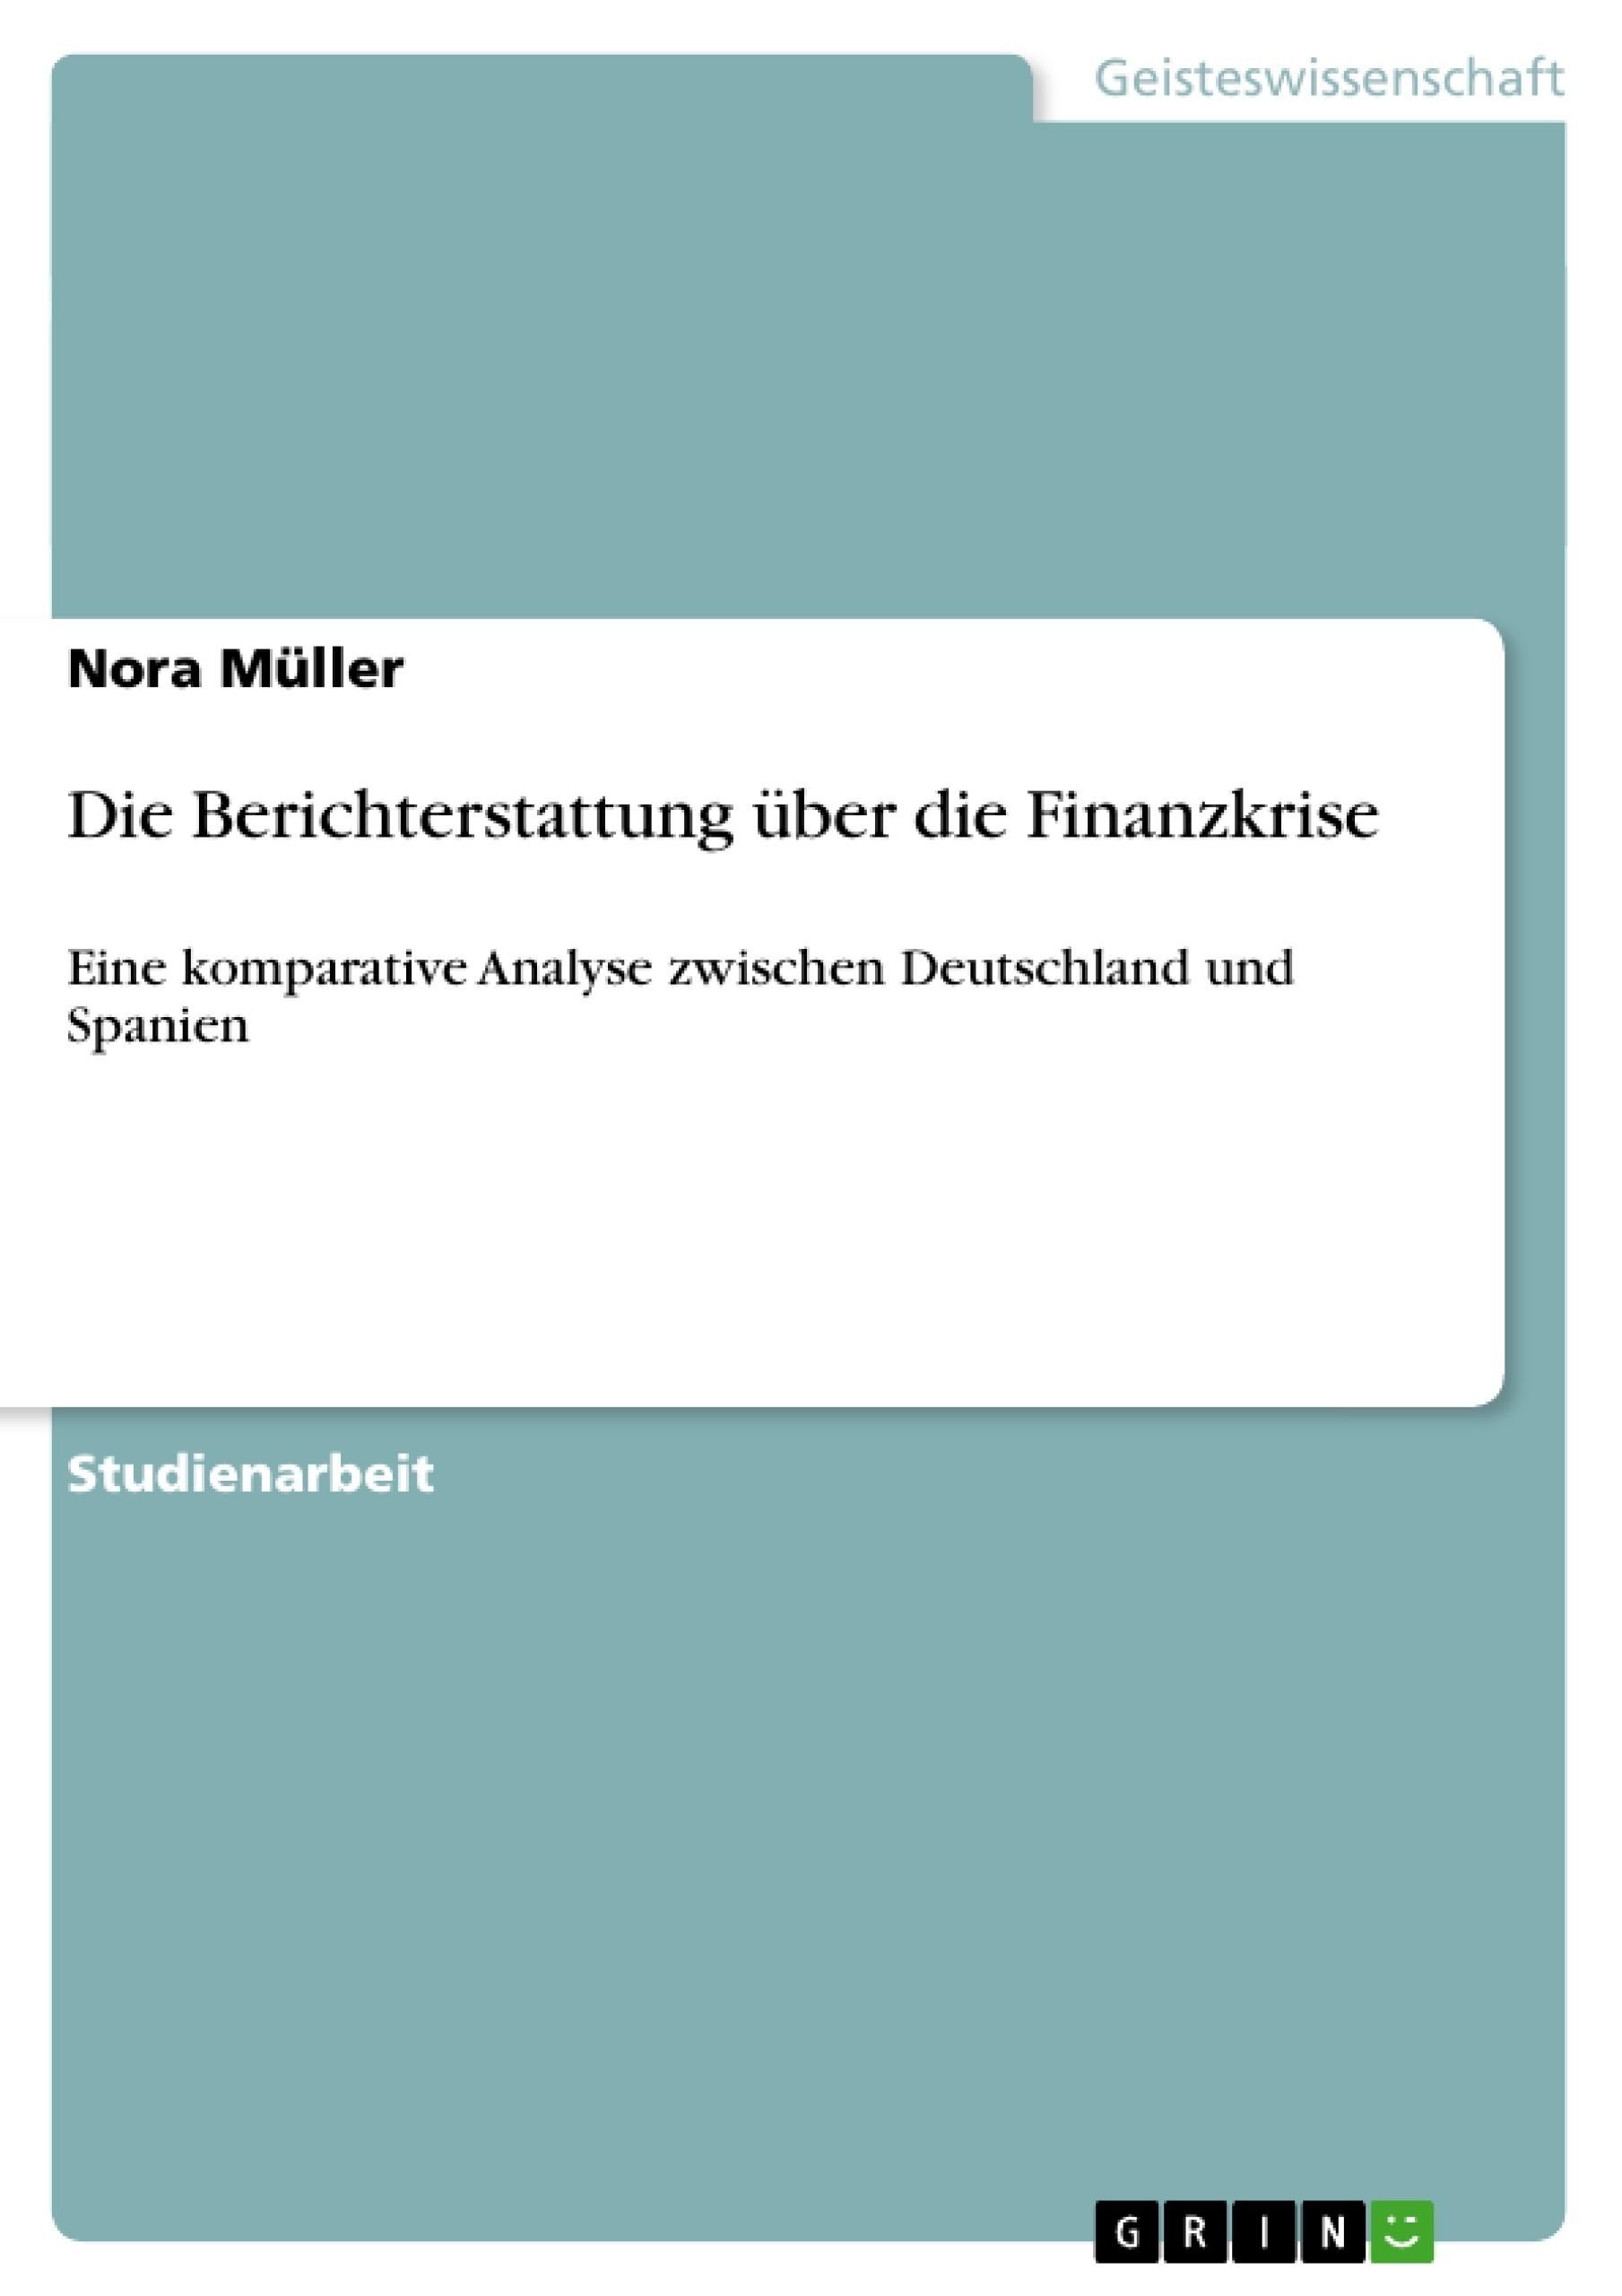 Titel: Die Berichterstattung über die Finanzkrise